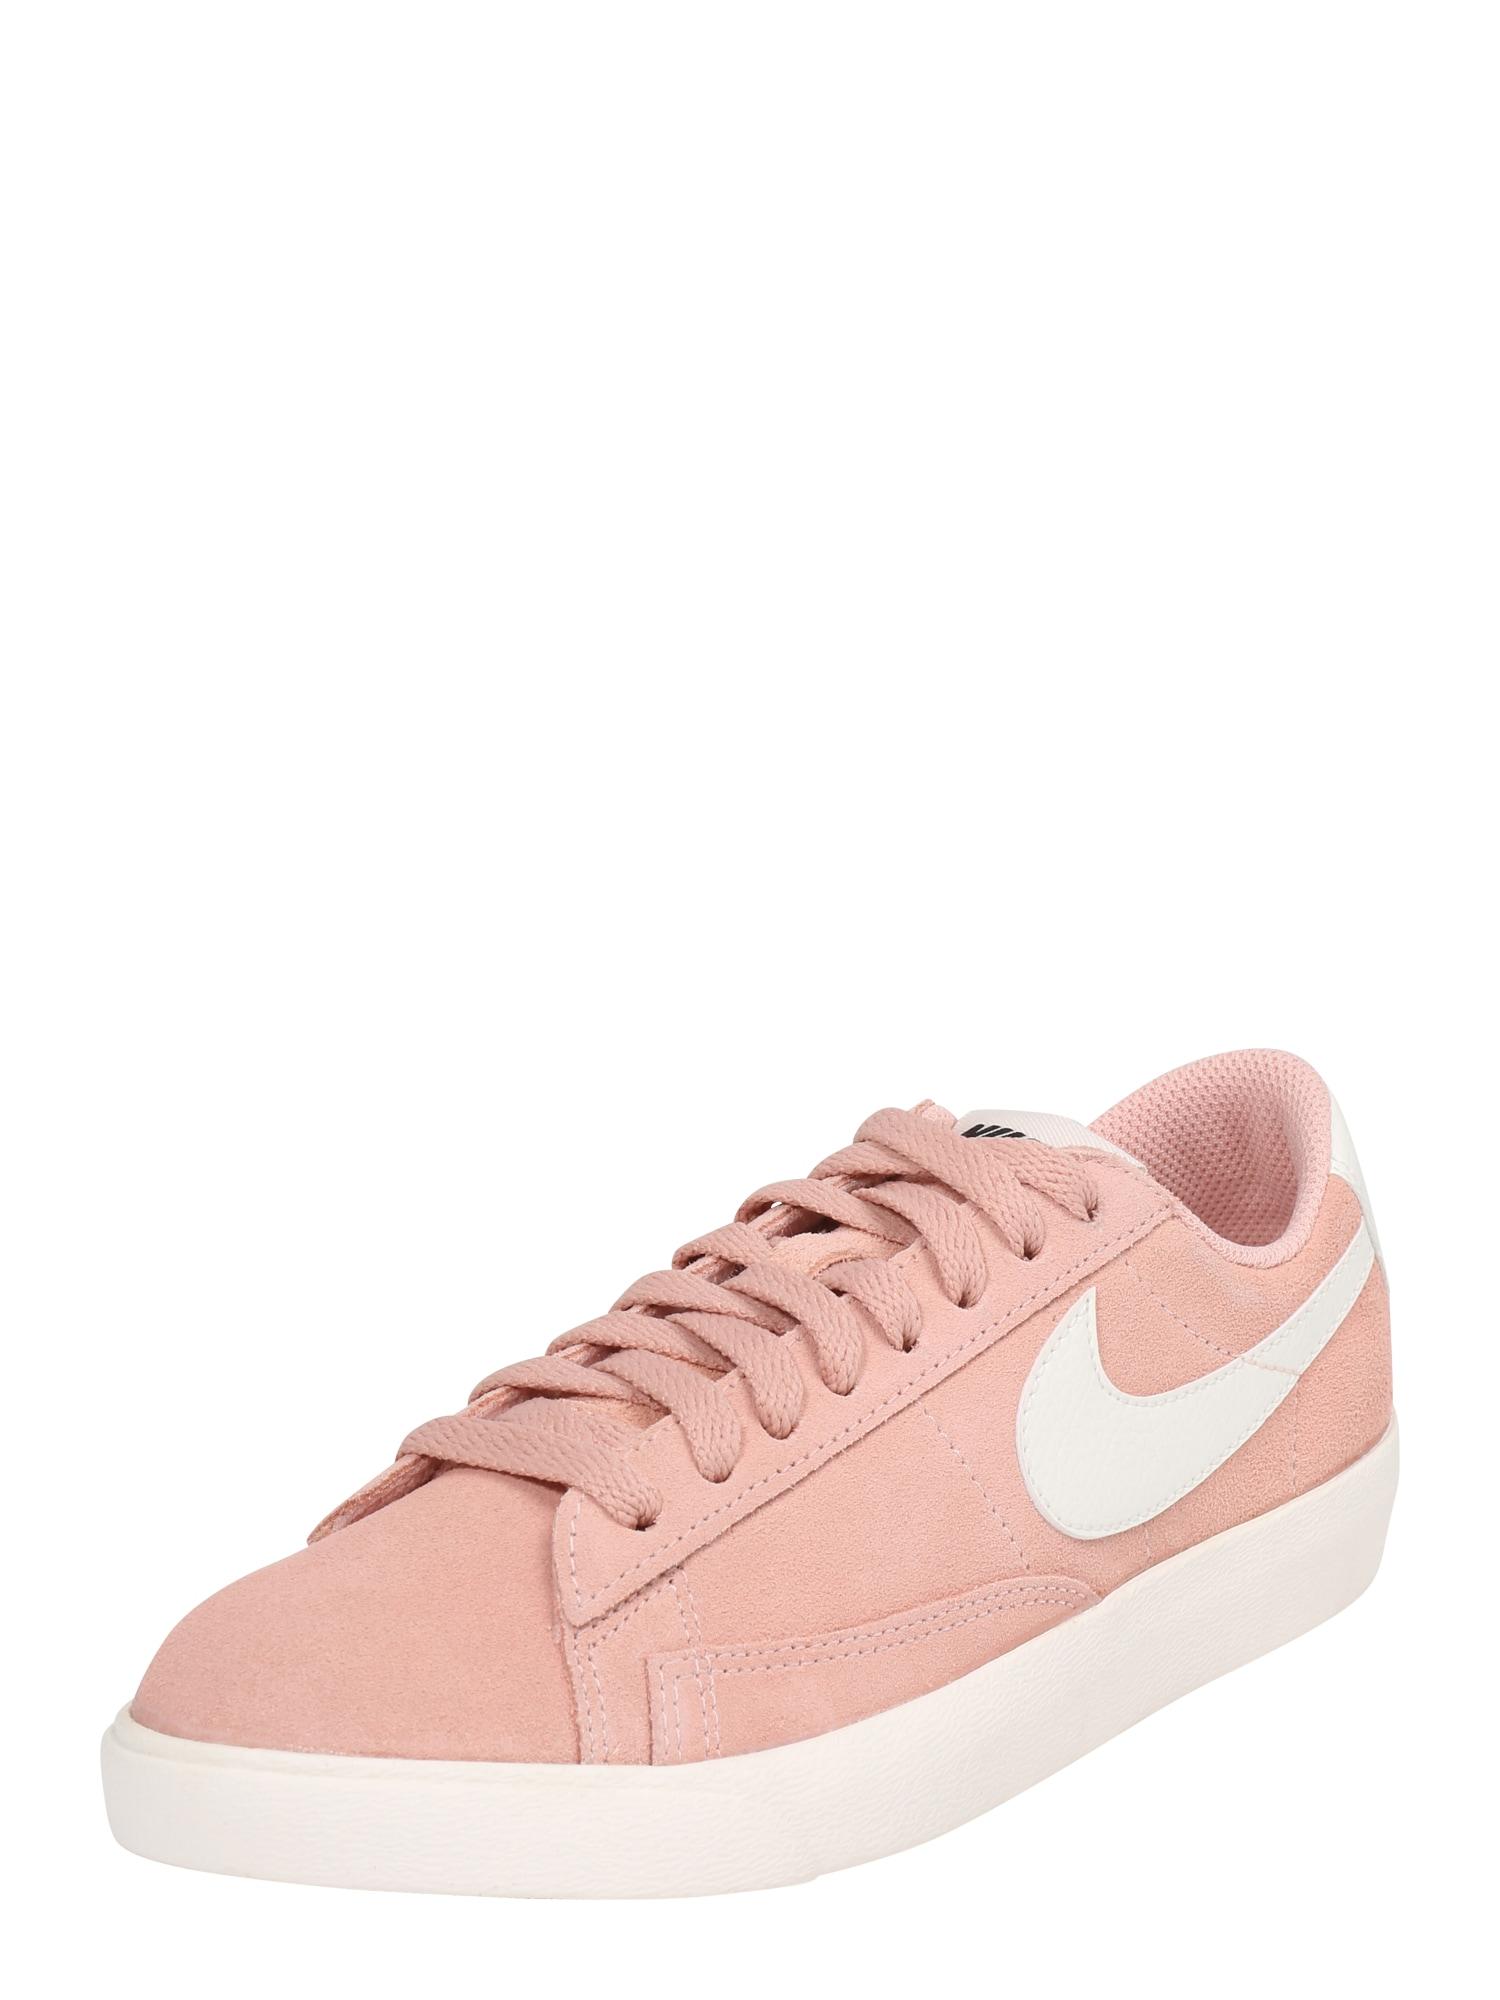 Nike Sportswear, Dames Sneakers laag 'BLAZER LOW', oudroze / wit